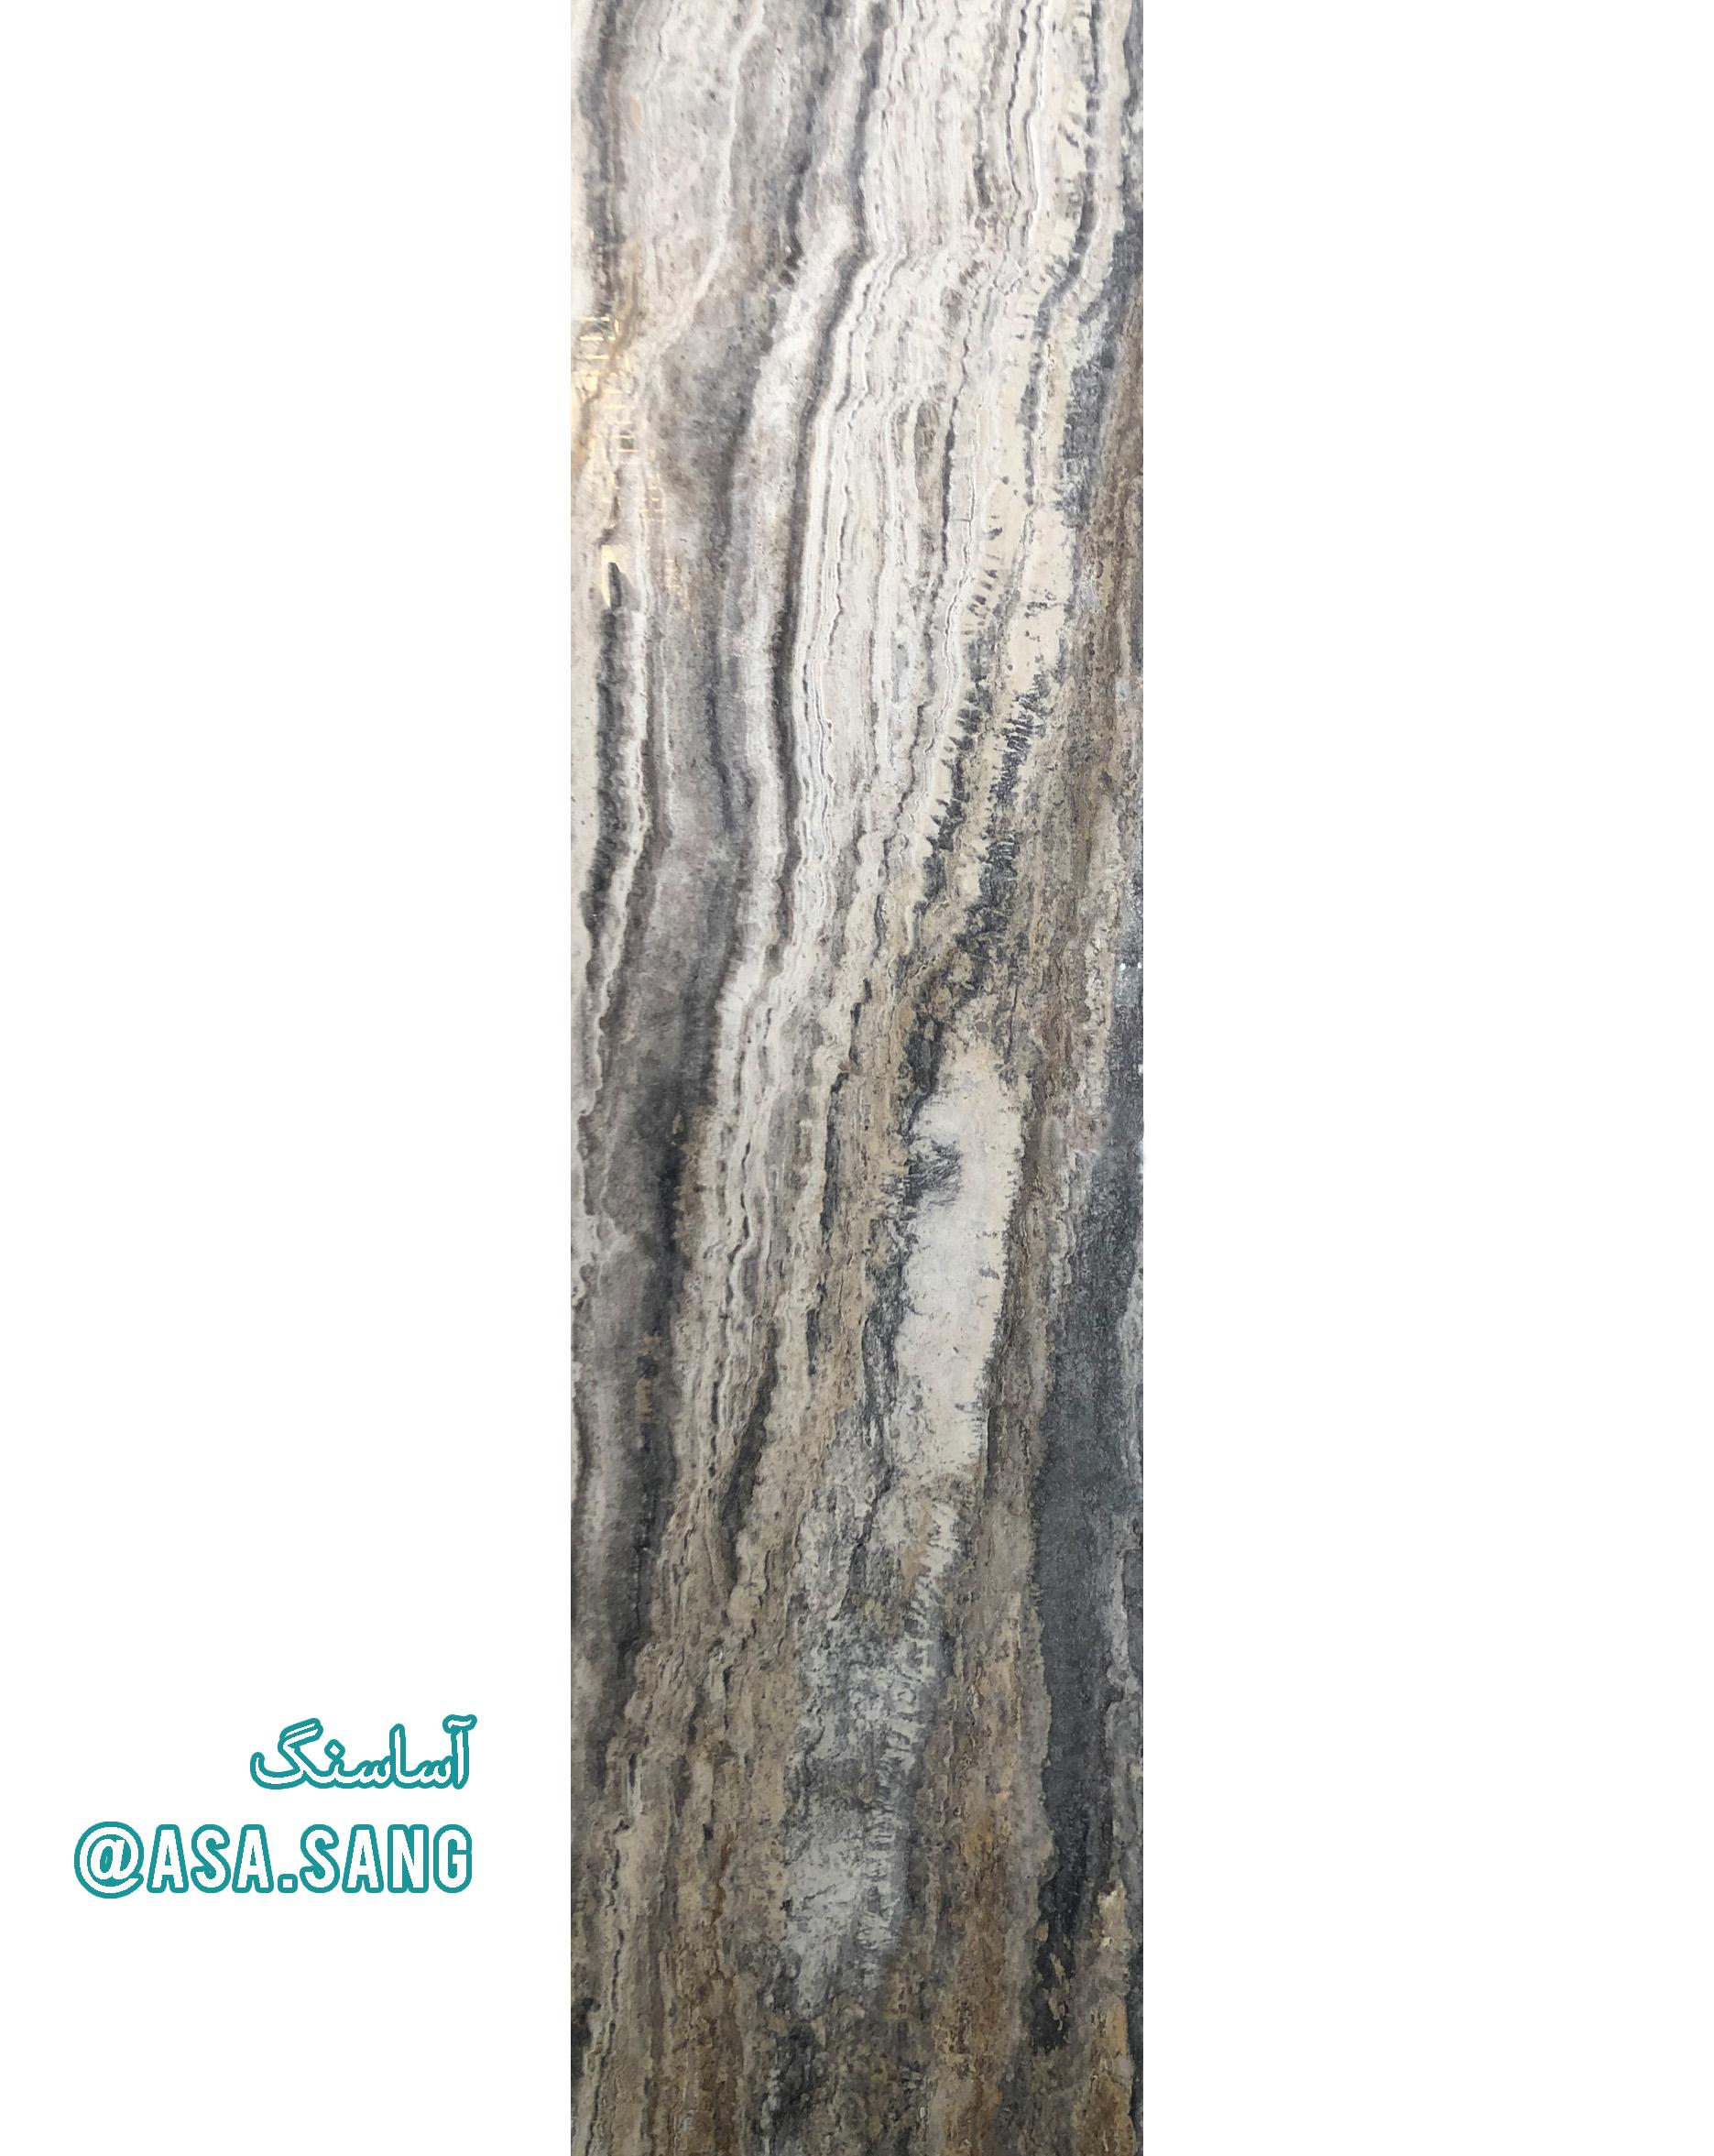 عکس محصول سنگ سیلور (آذرشهر) 9